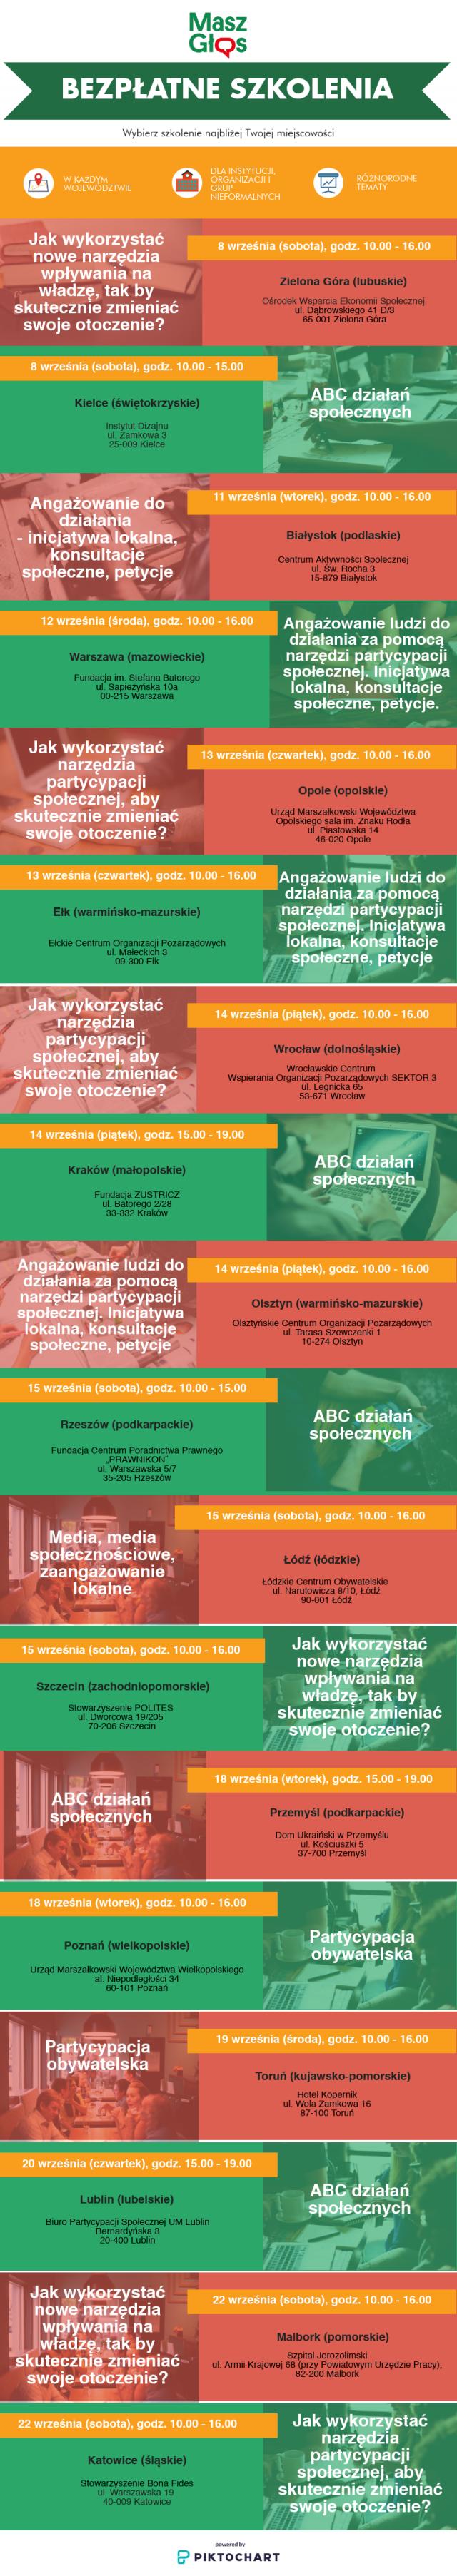 http://m.82-200.pl/2018/09/orig/szkolenia-wojewodzkie-2018-1-640x3611-3487.png